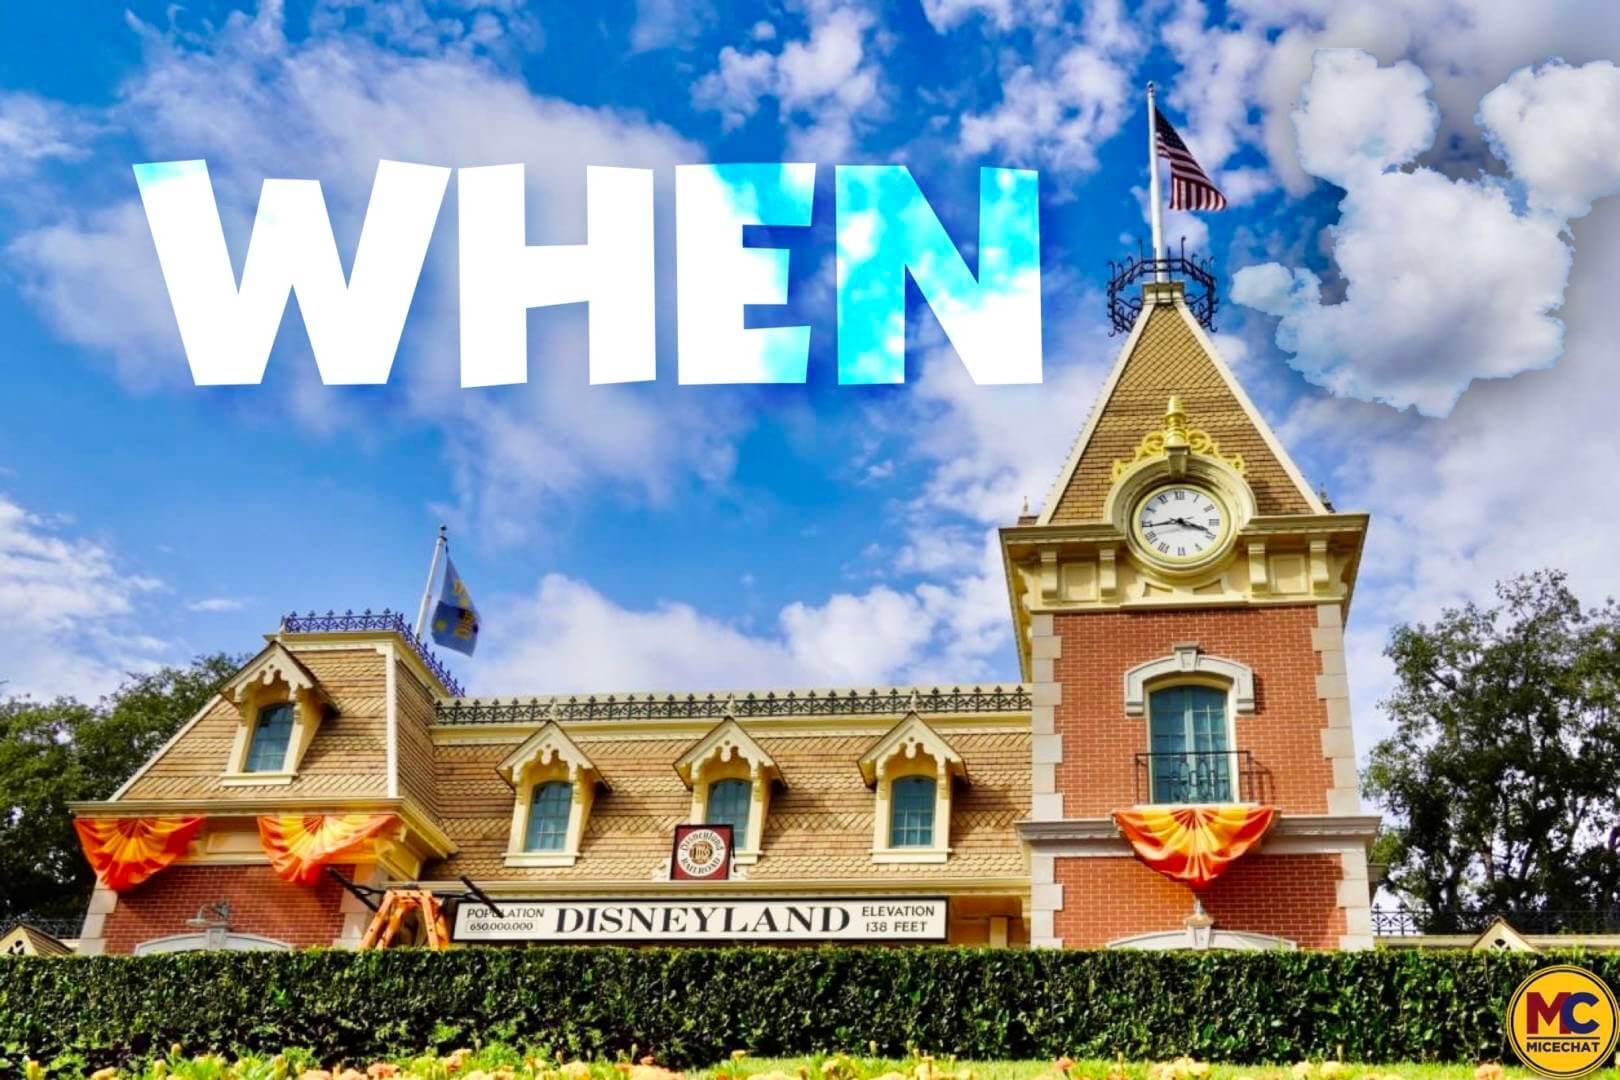 Disneyland Update – The Billion Dollar Question